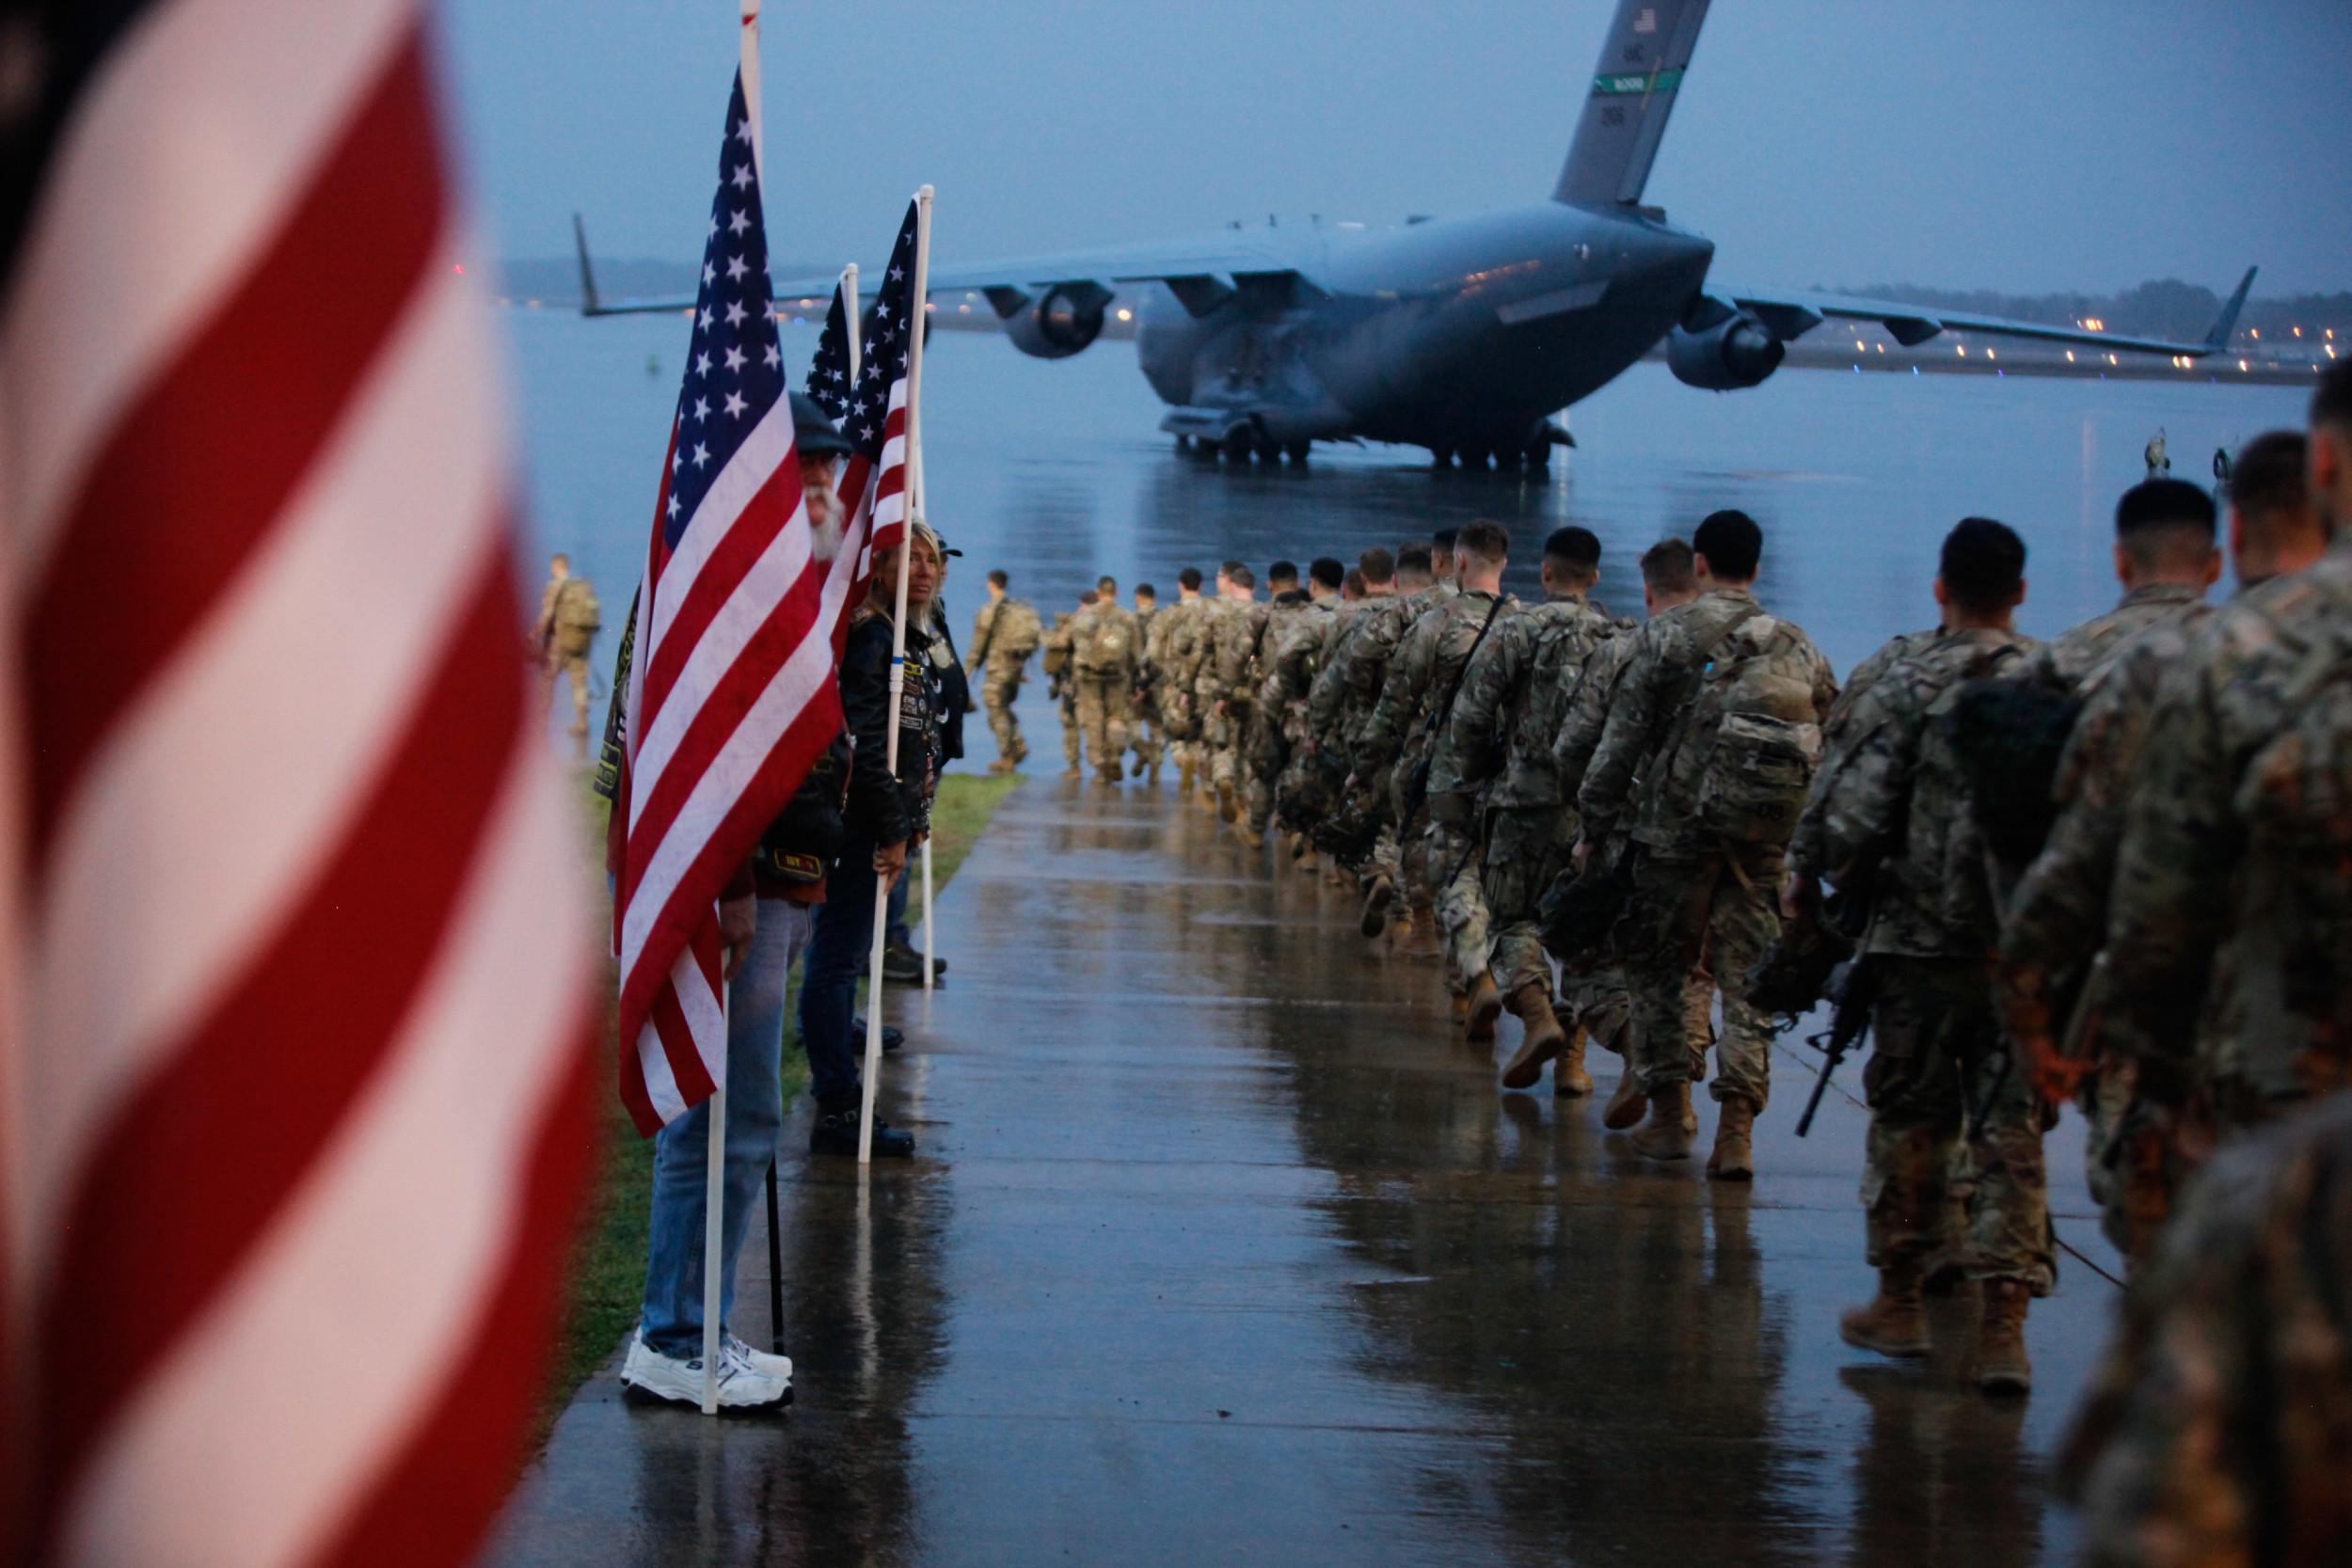 Припадници америчке 82. ваздушно-десантне дивизије припремају опрему и укрцавају се на авион у Форт Брагу, Северна Каролина, 04. јануар 2020. (Фото: Spc. Hubert Delany III/U.S. Army via AP)